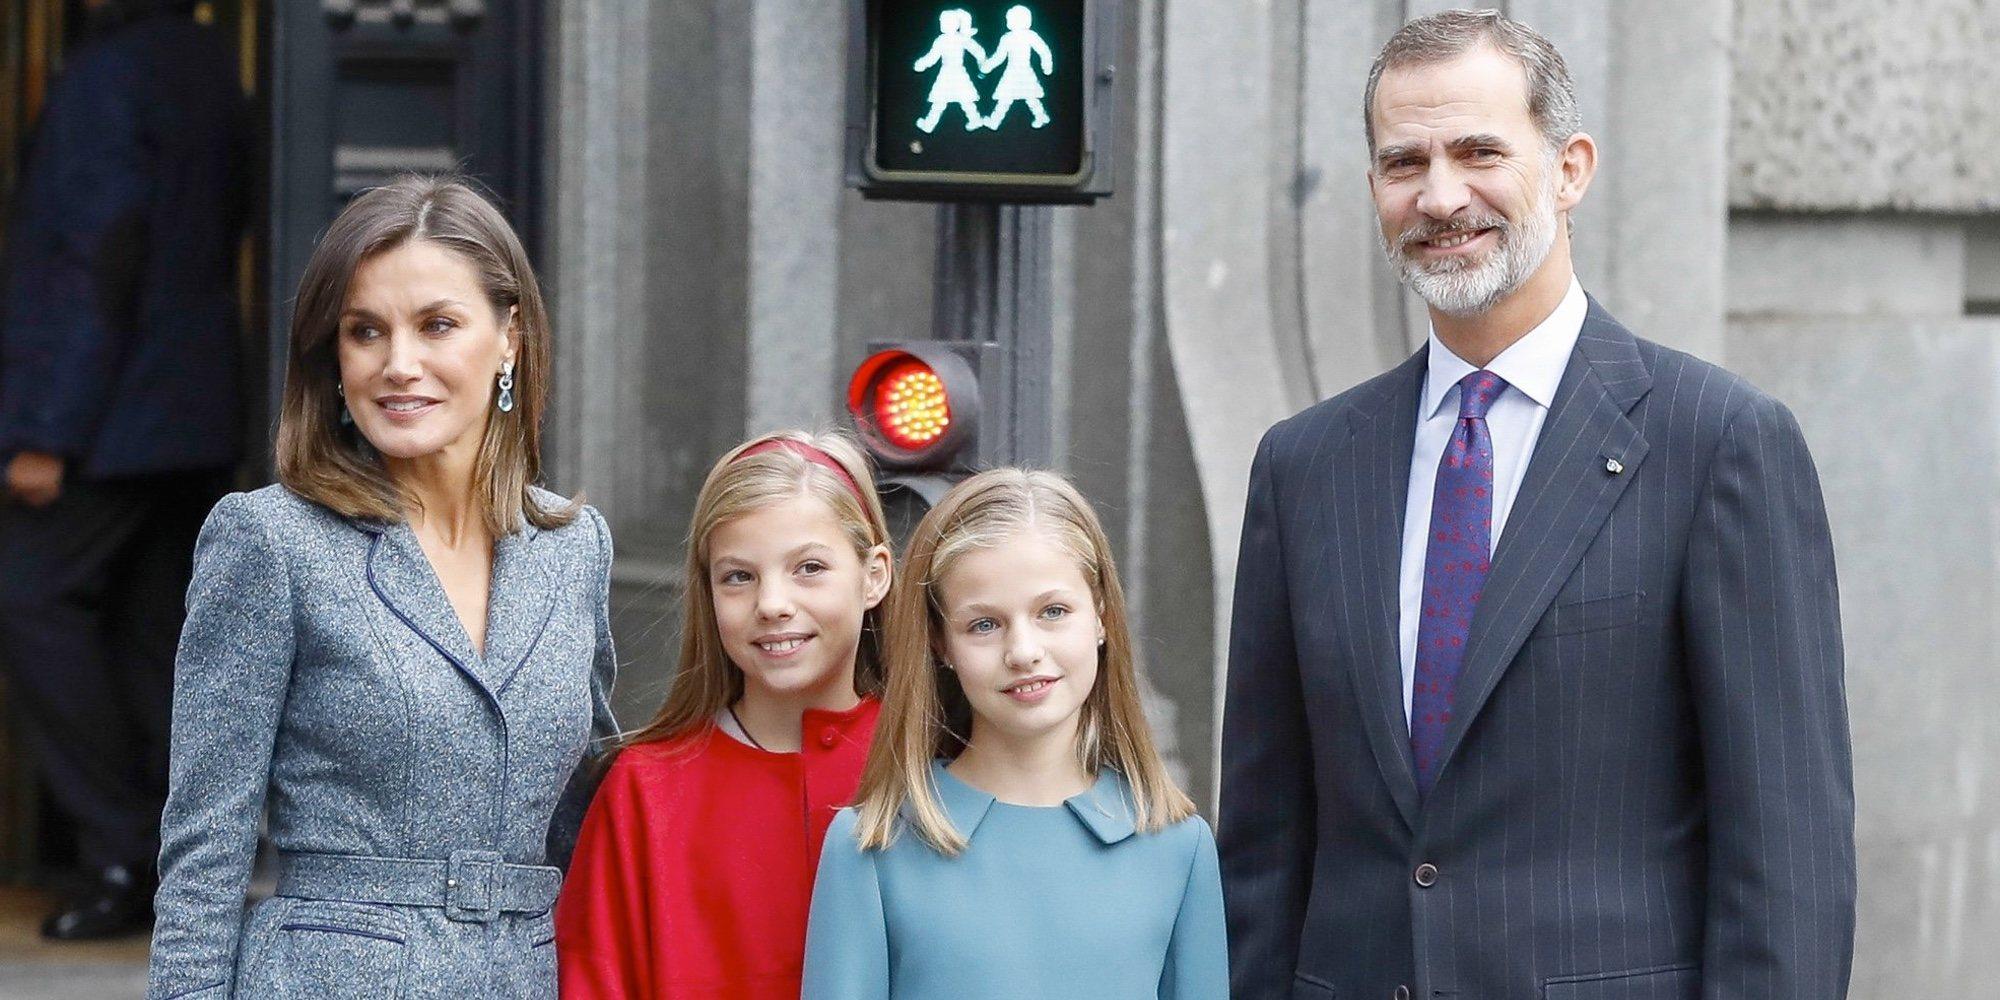 El plan de los Reyes Felipe y Letizia, la Princesa Leonor y la Infanta Sofía: cine español y sin privilegios